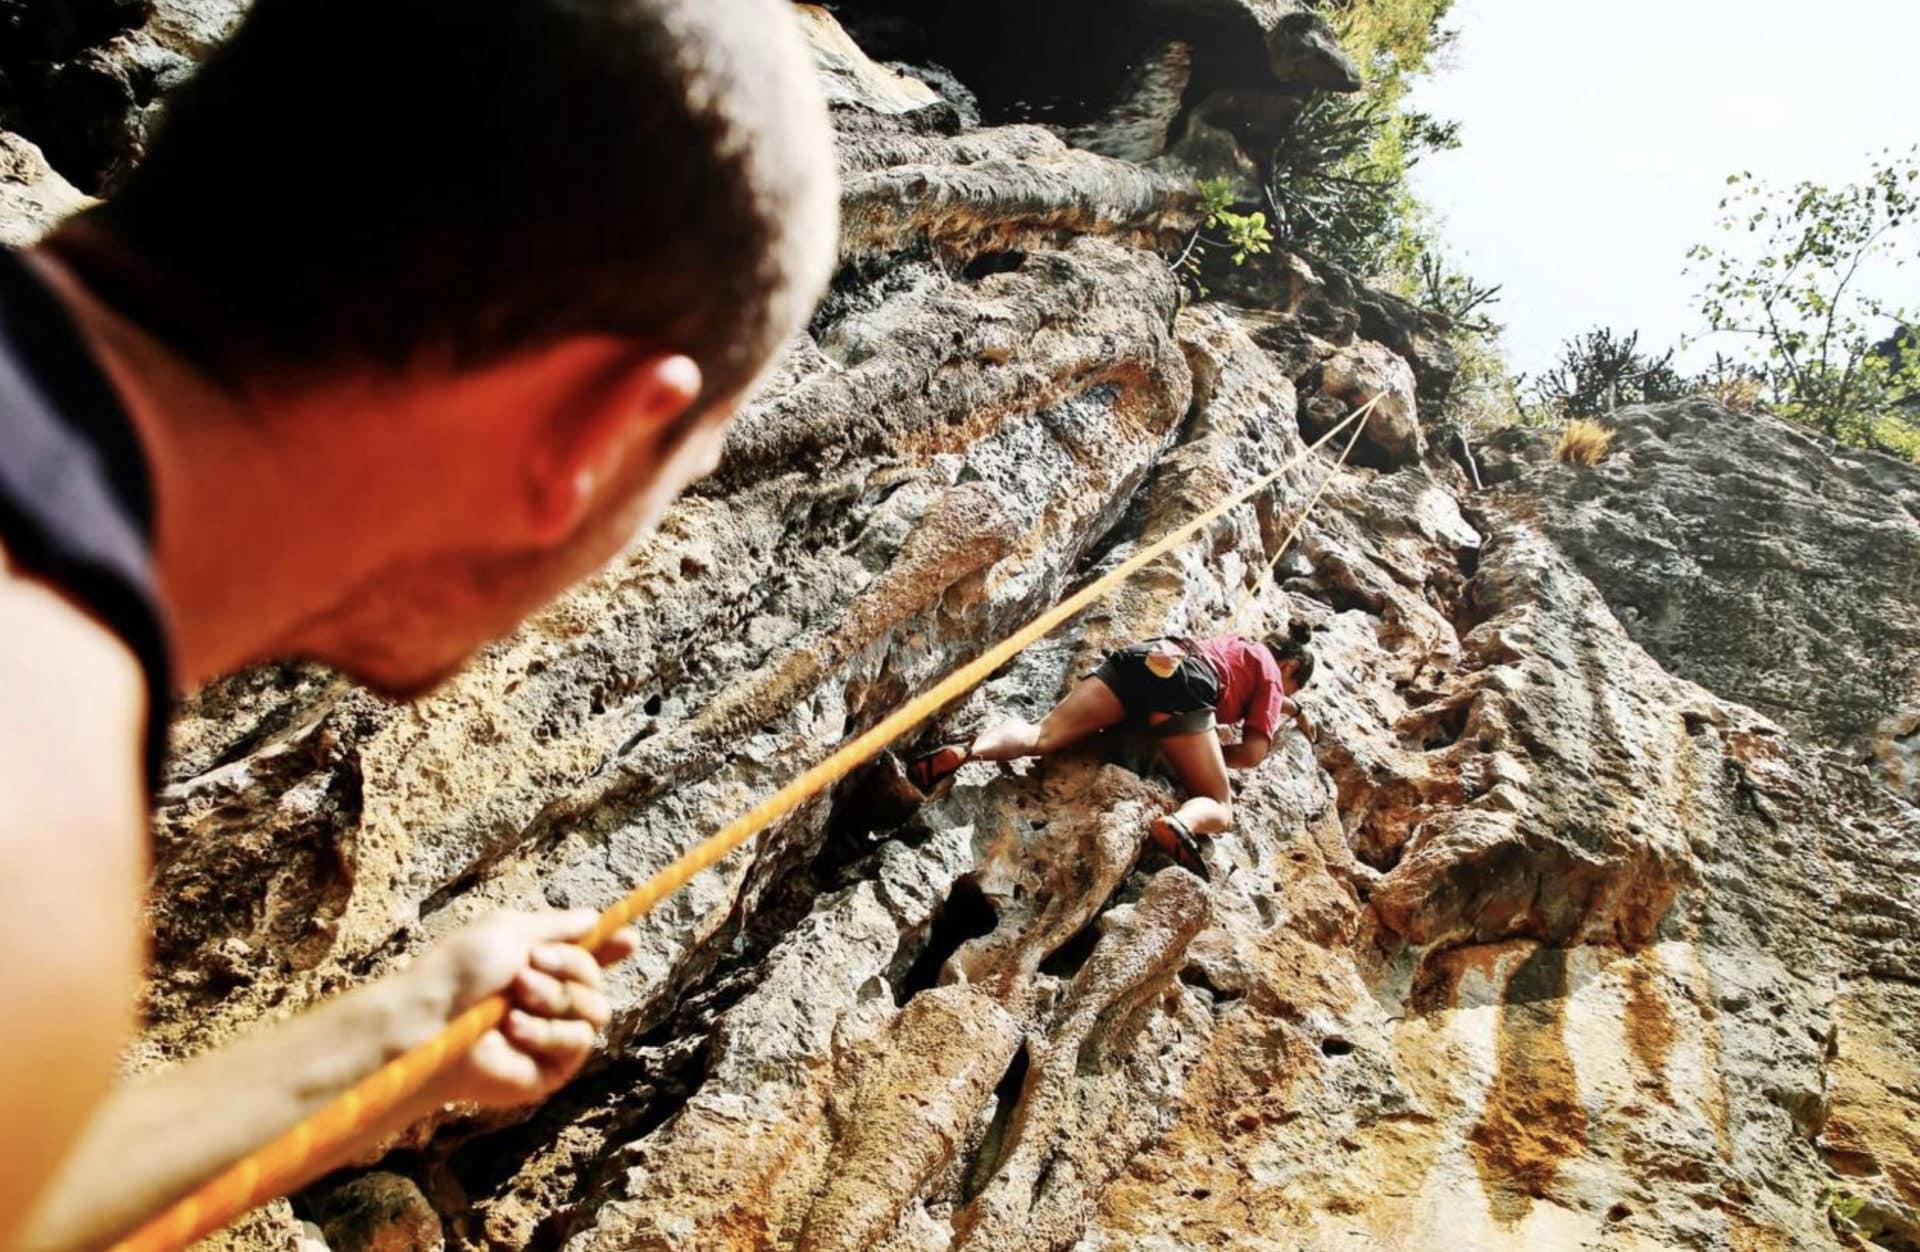 Half-day beginner rock climbing in Railay, Thailand